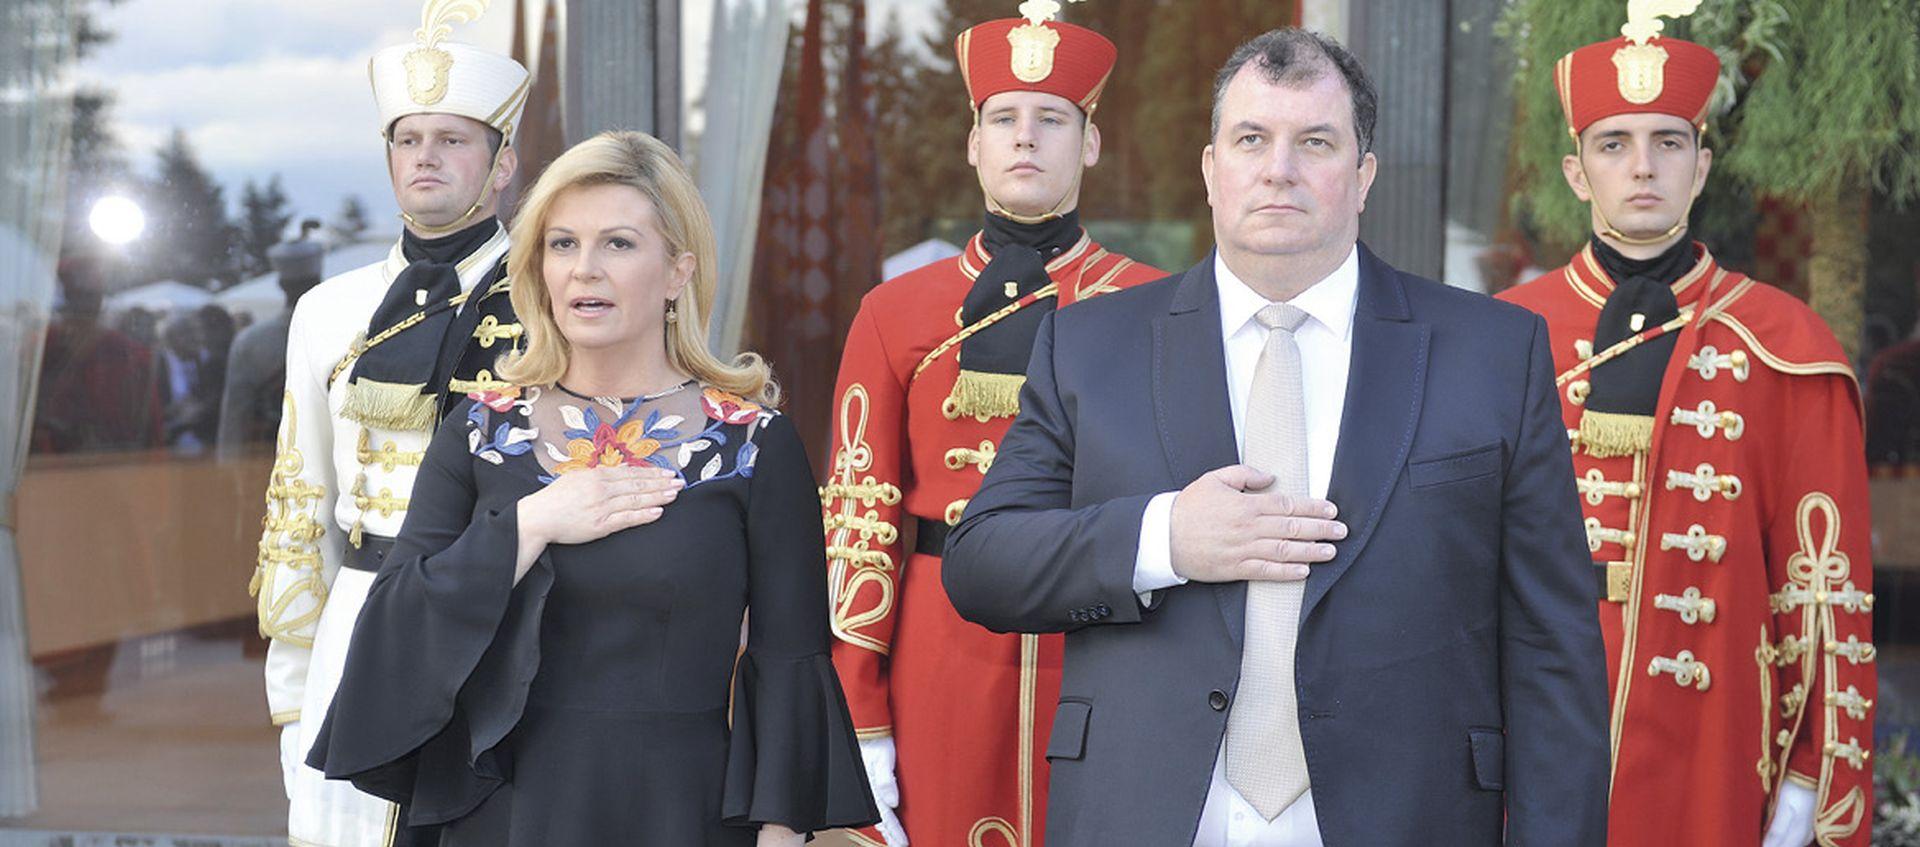 Predsjednica poručila da hrvatski građani žele dostojanstven život